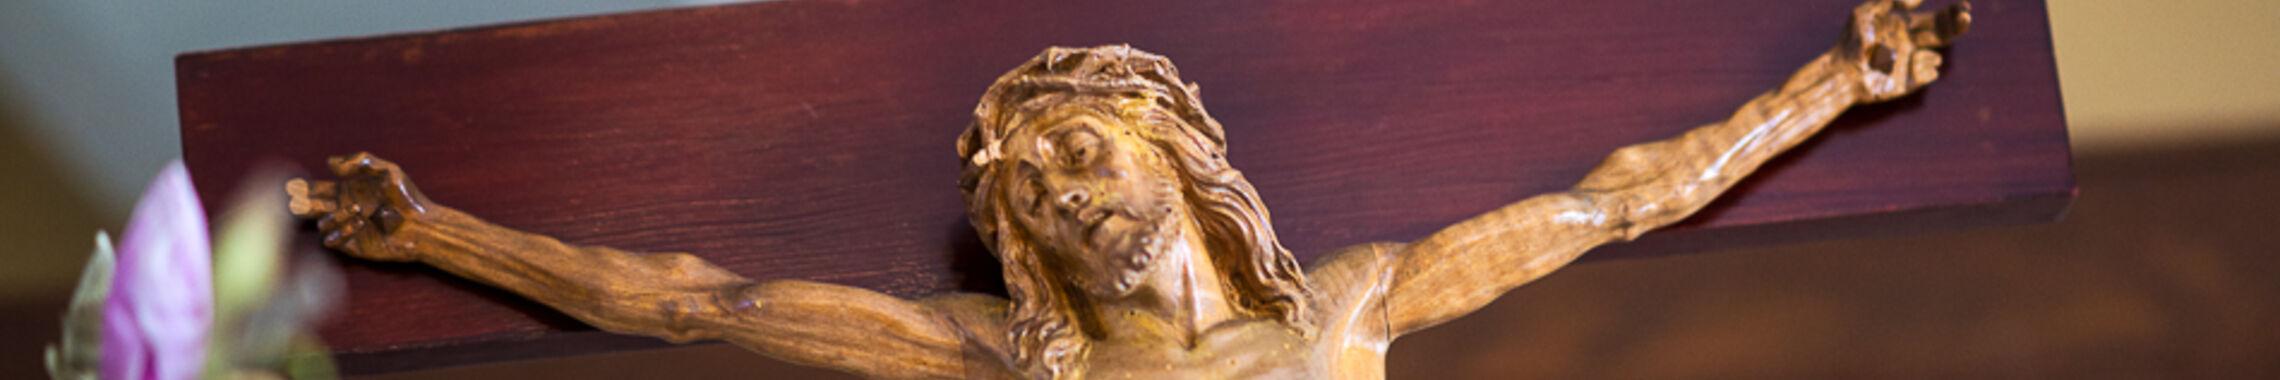 altarkreuz_wfehn-2013-0263